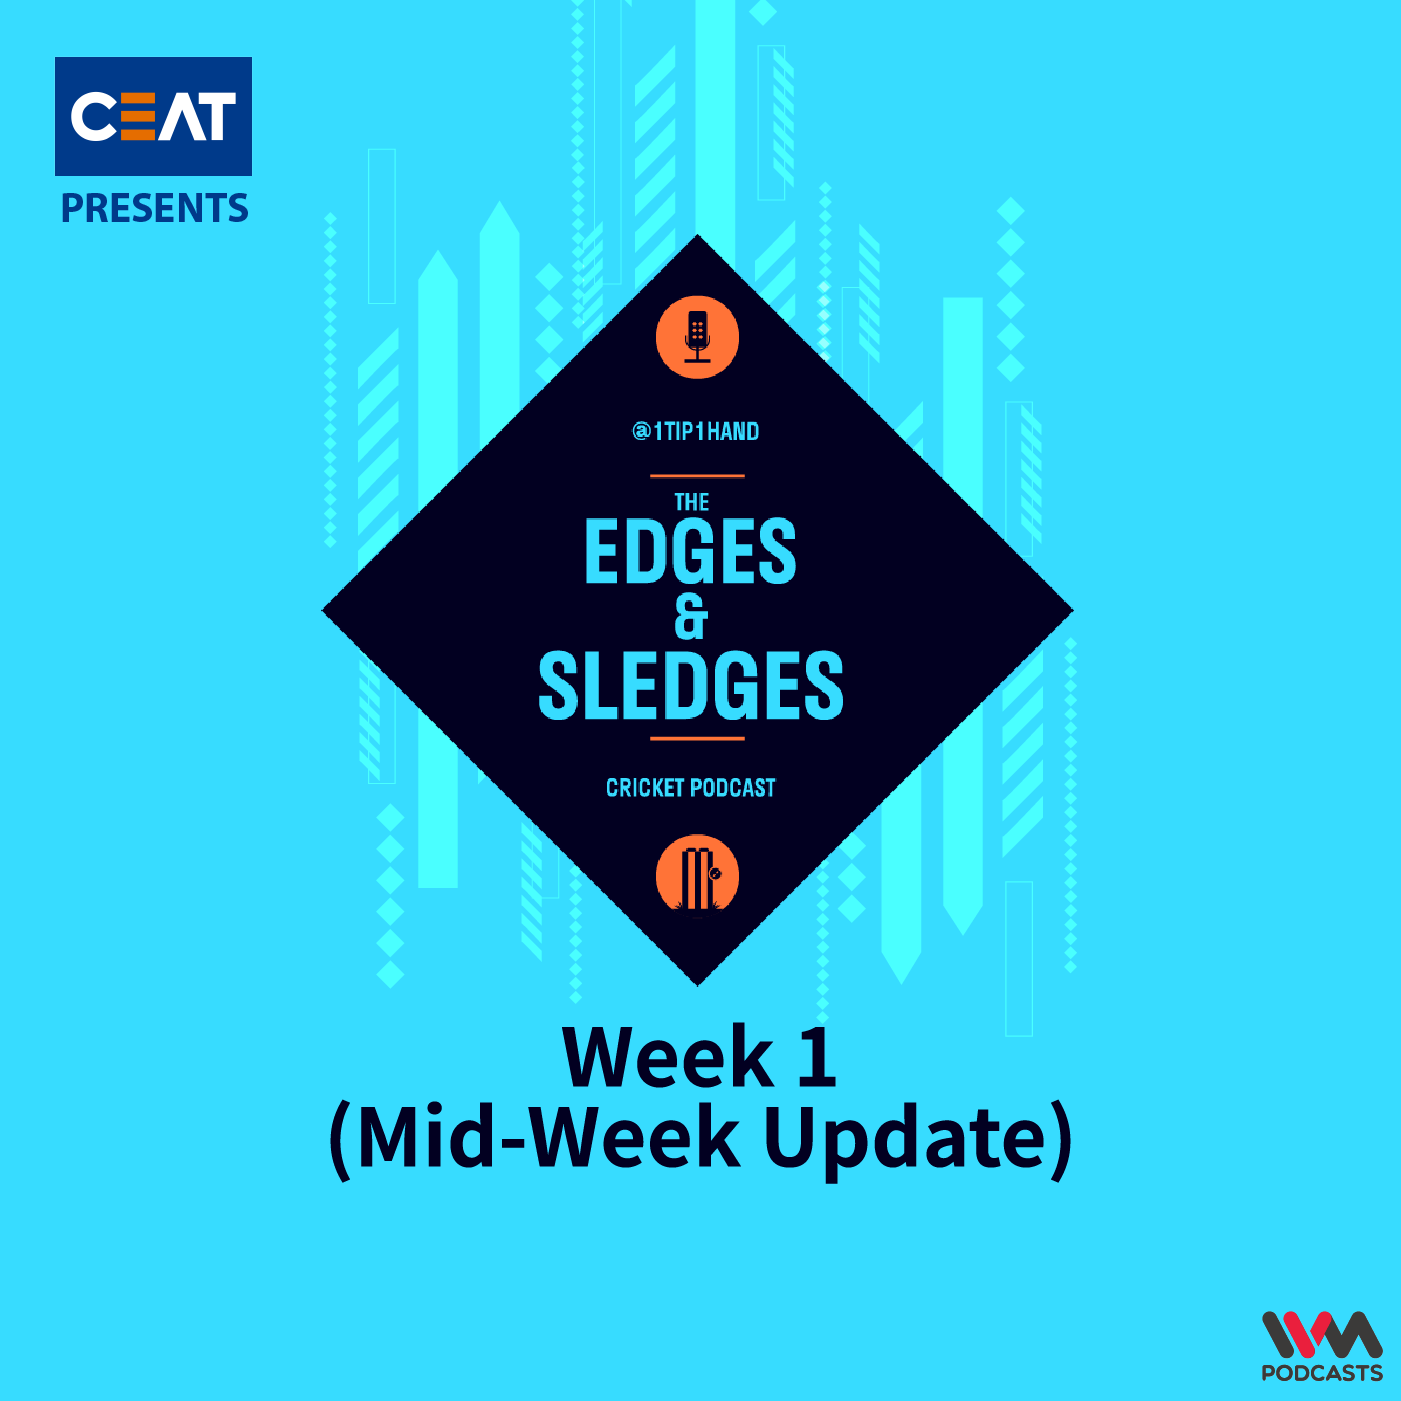 Ep. 167: IPL 2021: Week 1 (Mid-Week Update)